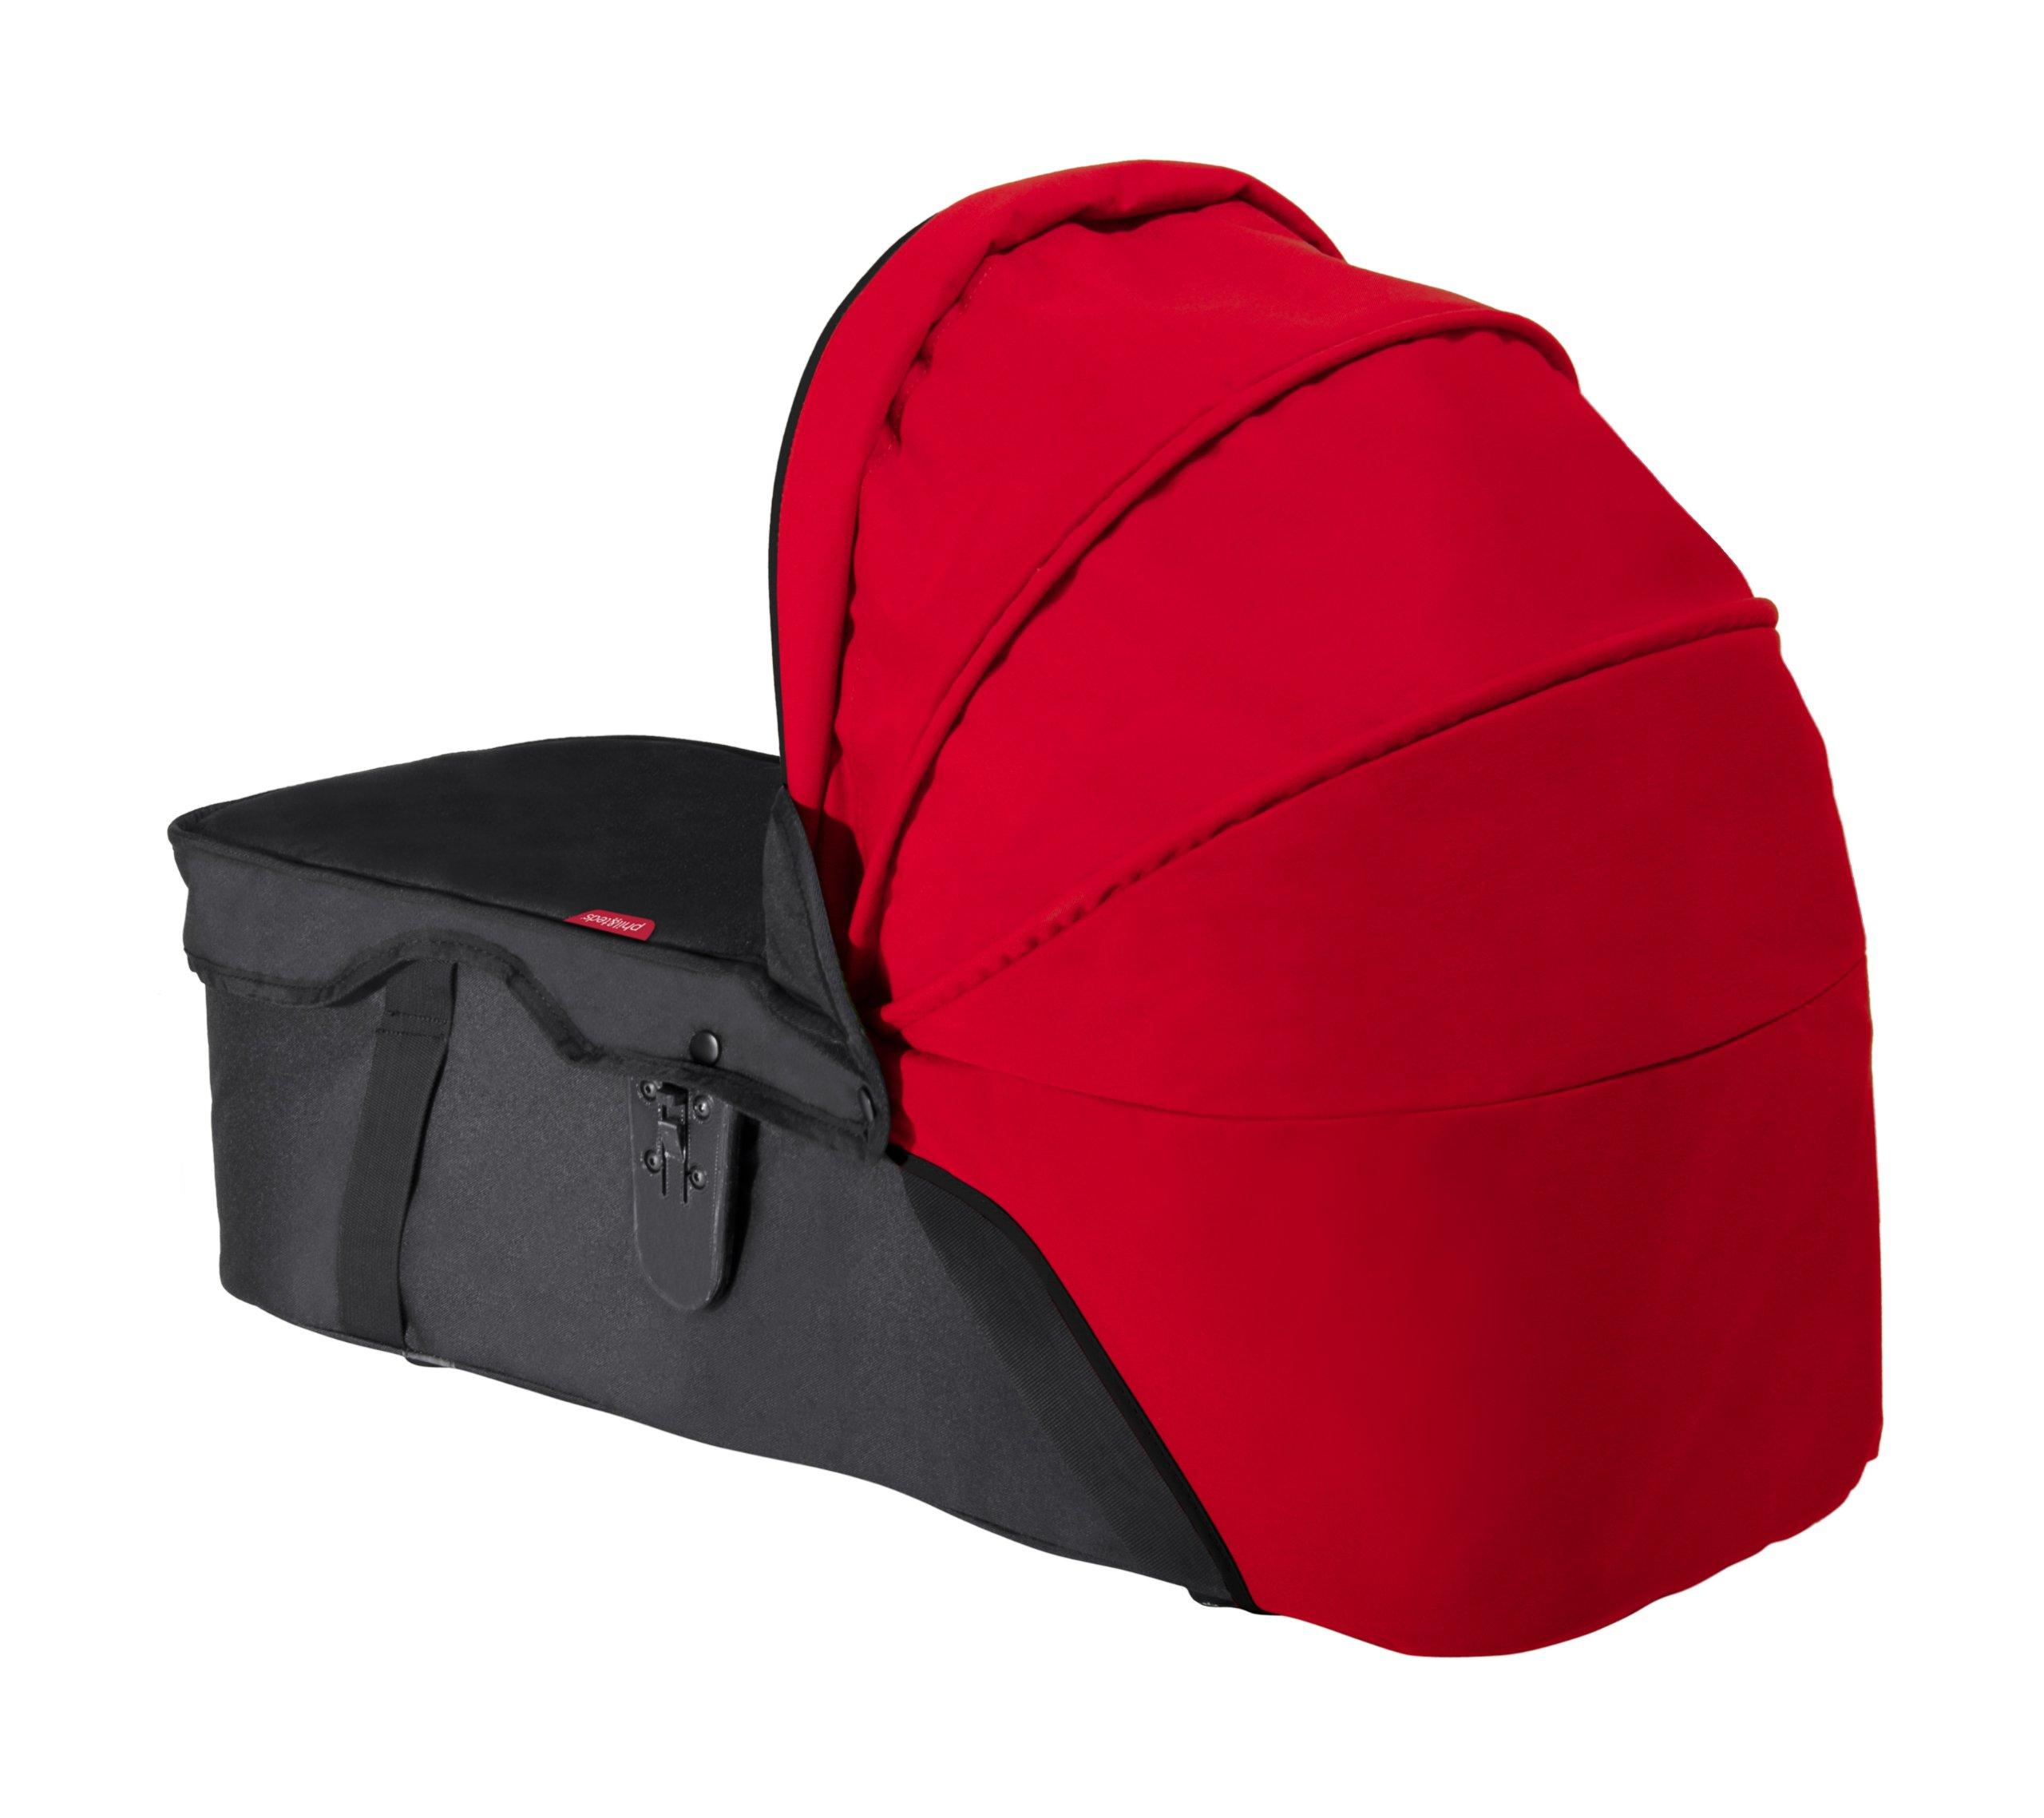 phil&teds Snug Carry Cot Sunhood - Chili